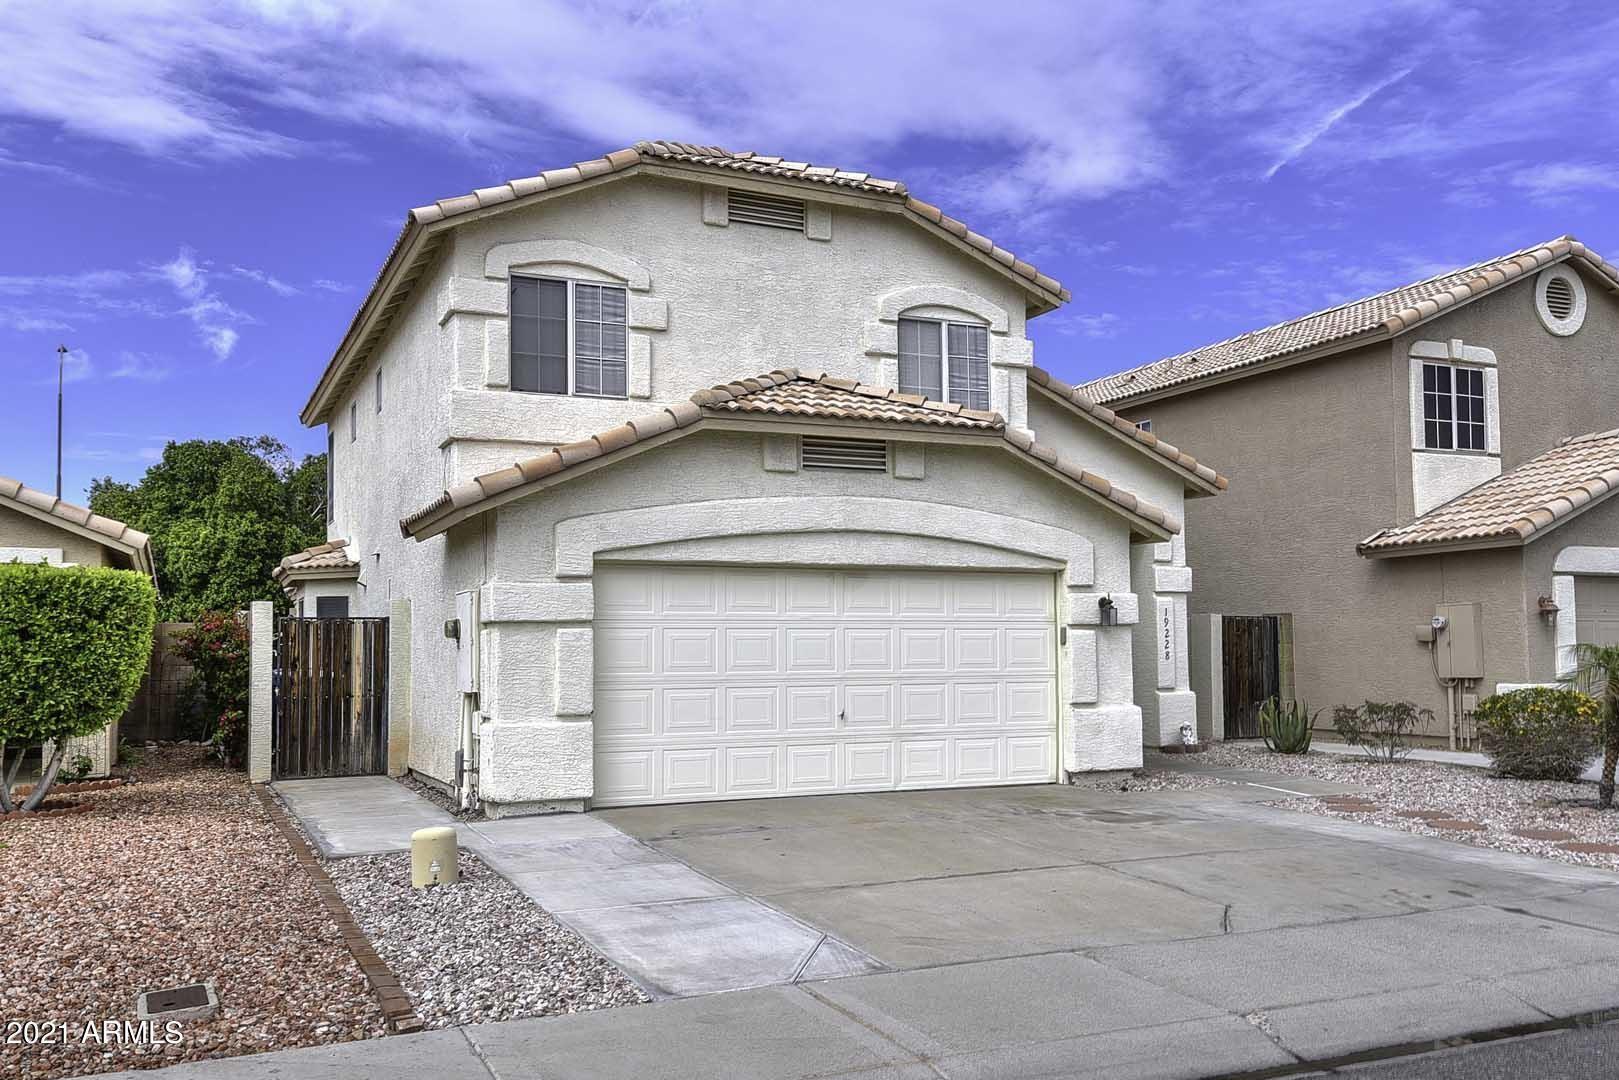 19228 N 50TH Lane, Glendale, AZ 85308 - MLS#: 6208296